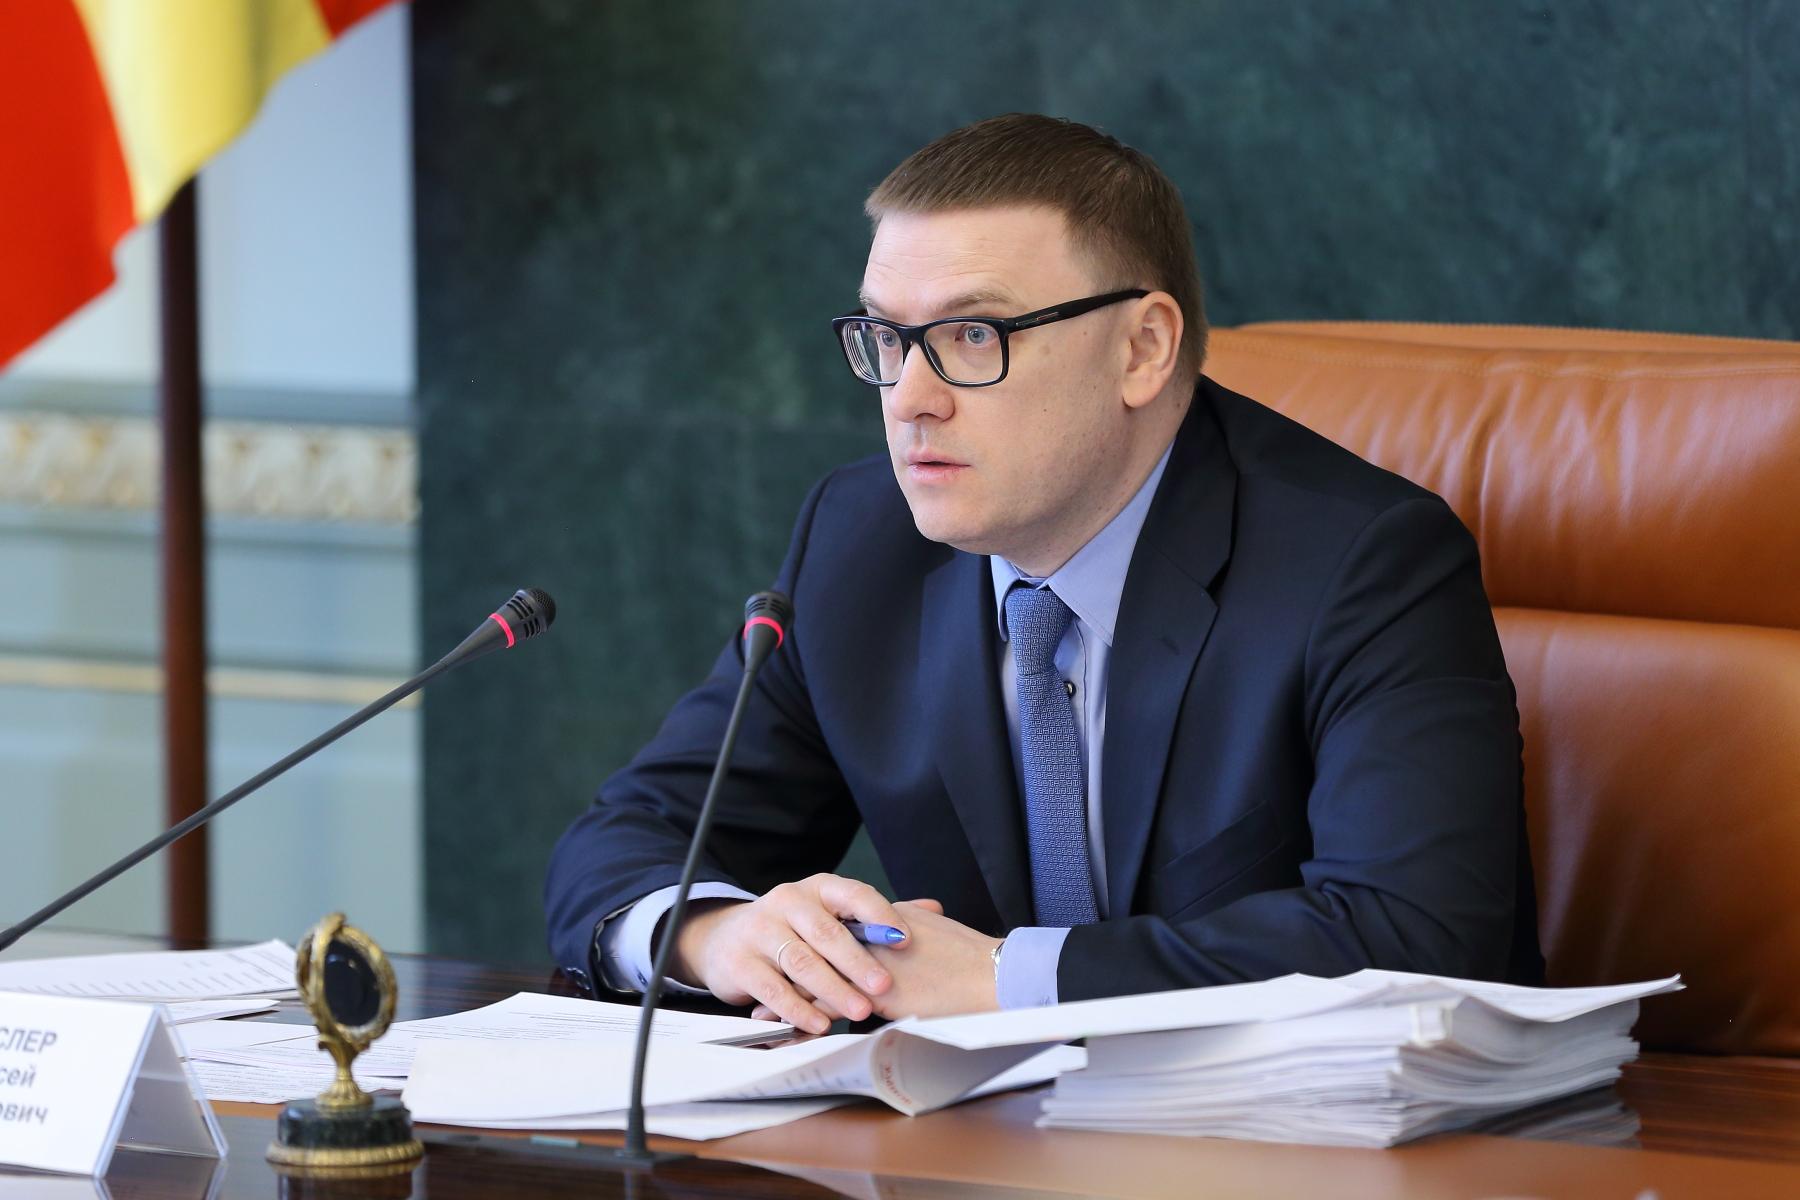 Сегодня, 19 июня, глава региона Алексей Текслер на совещании с главами муниципальных образований